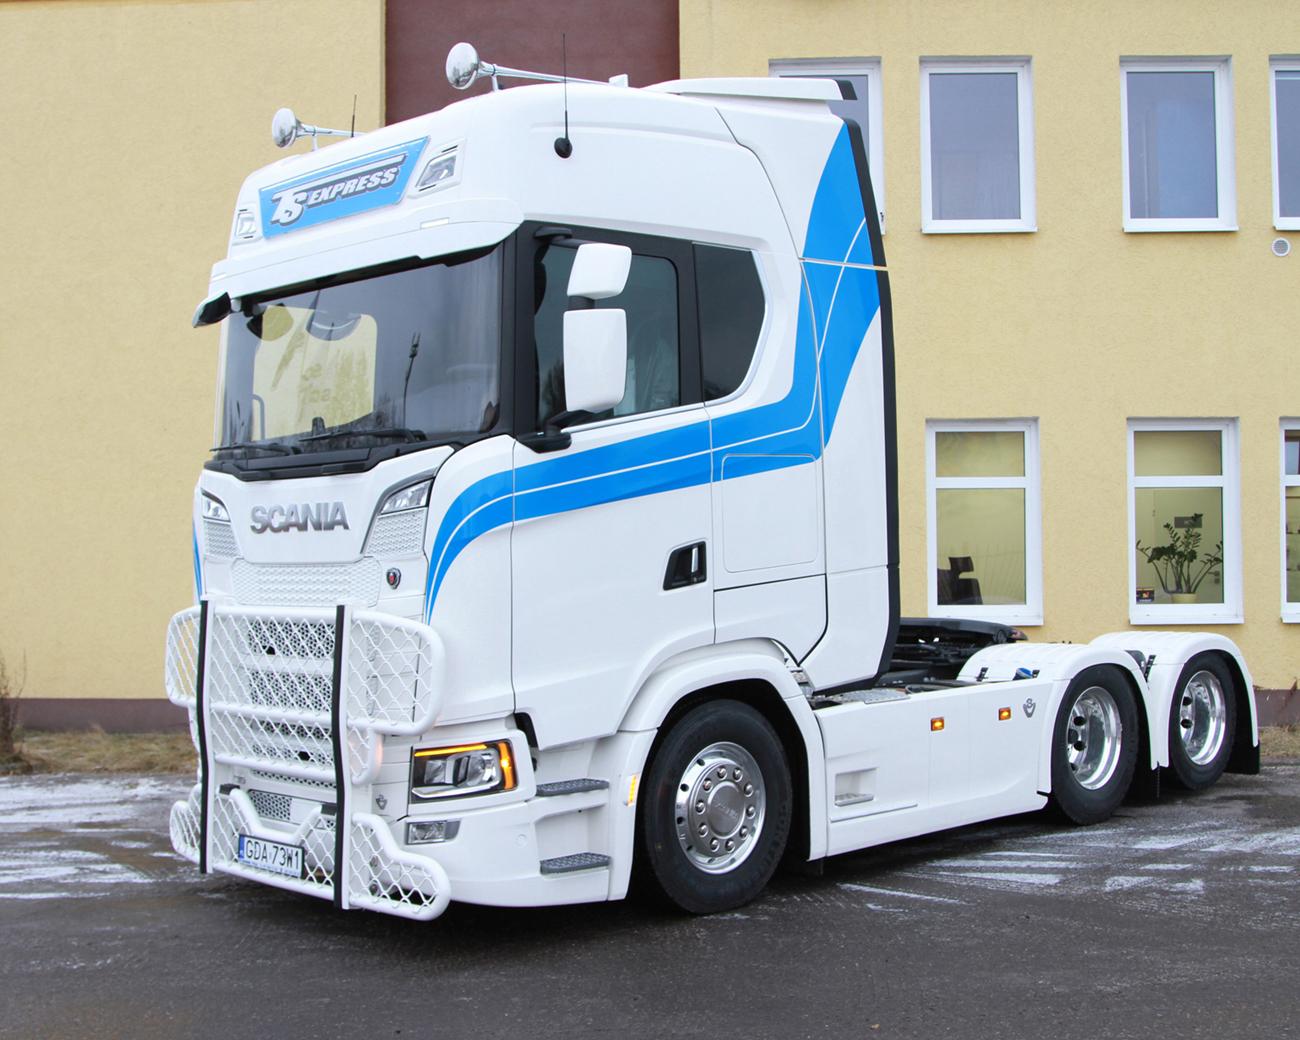 Scania S730 trafia do klienta w Pile - TruckFocus.pl